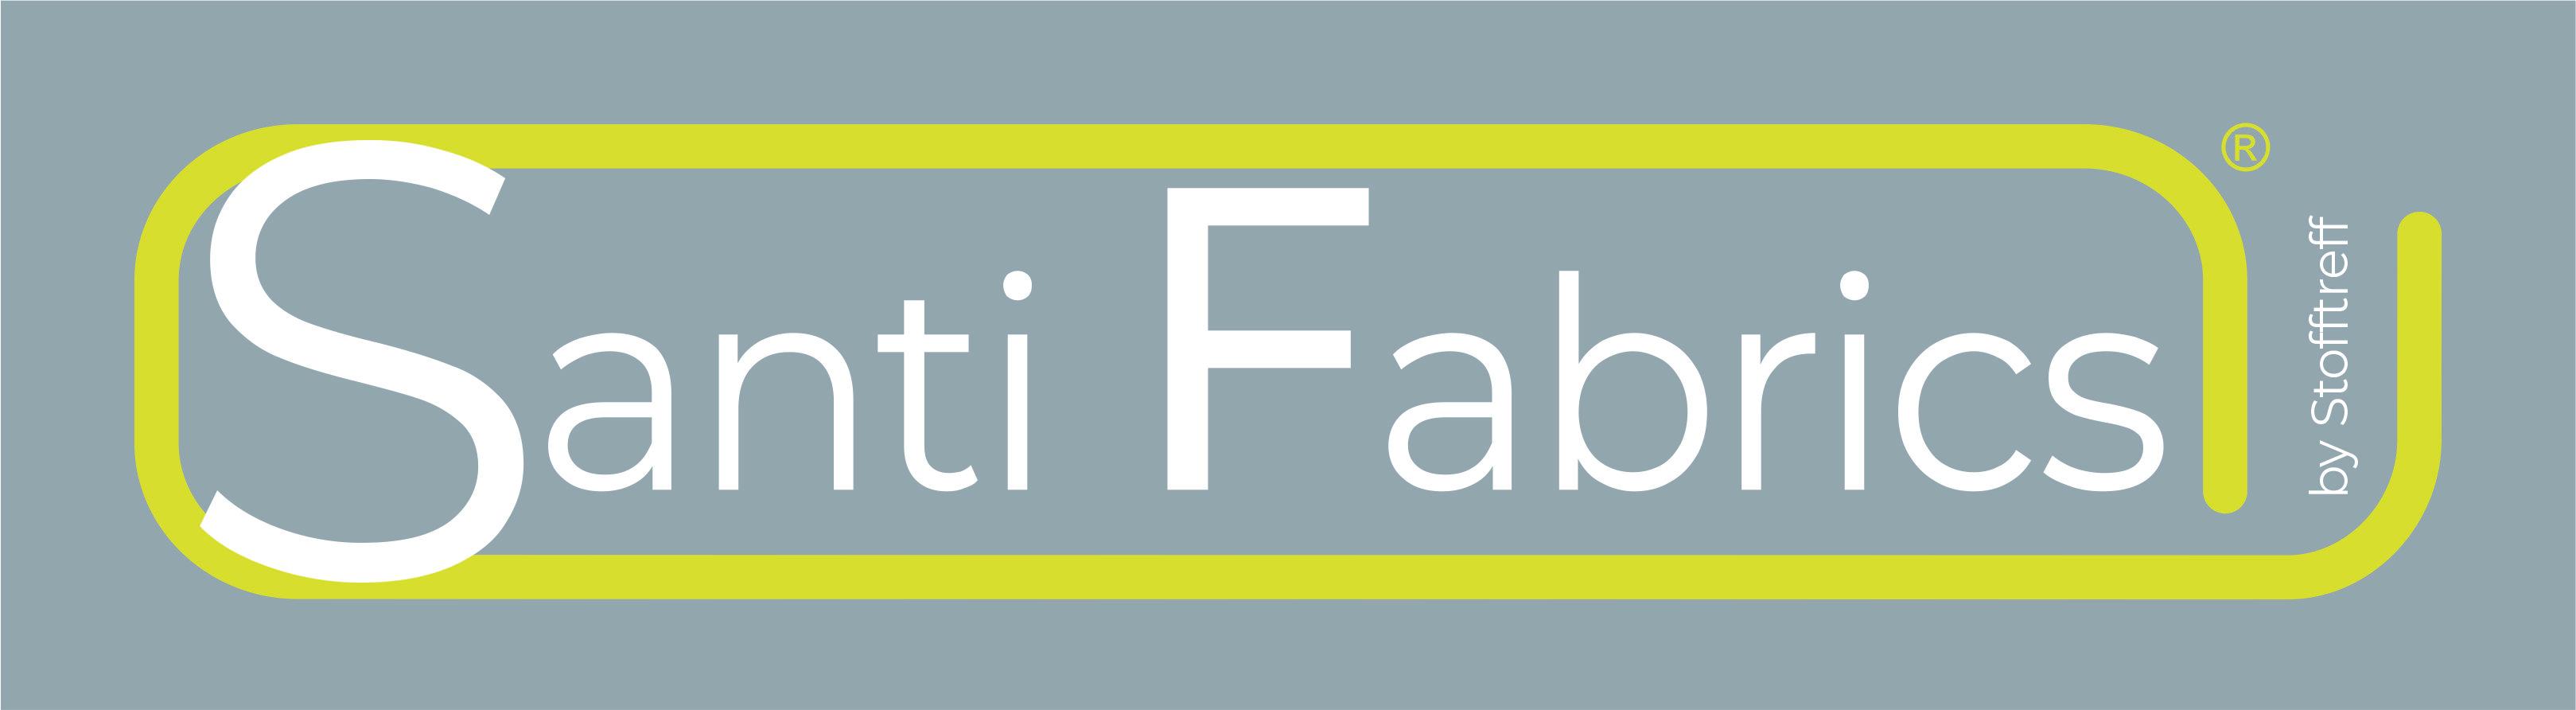 Santi-Fabrics-ocker-76260Cg2EuPaIFnOfF